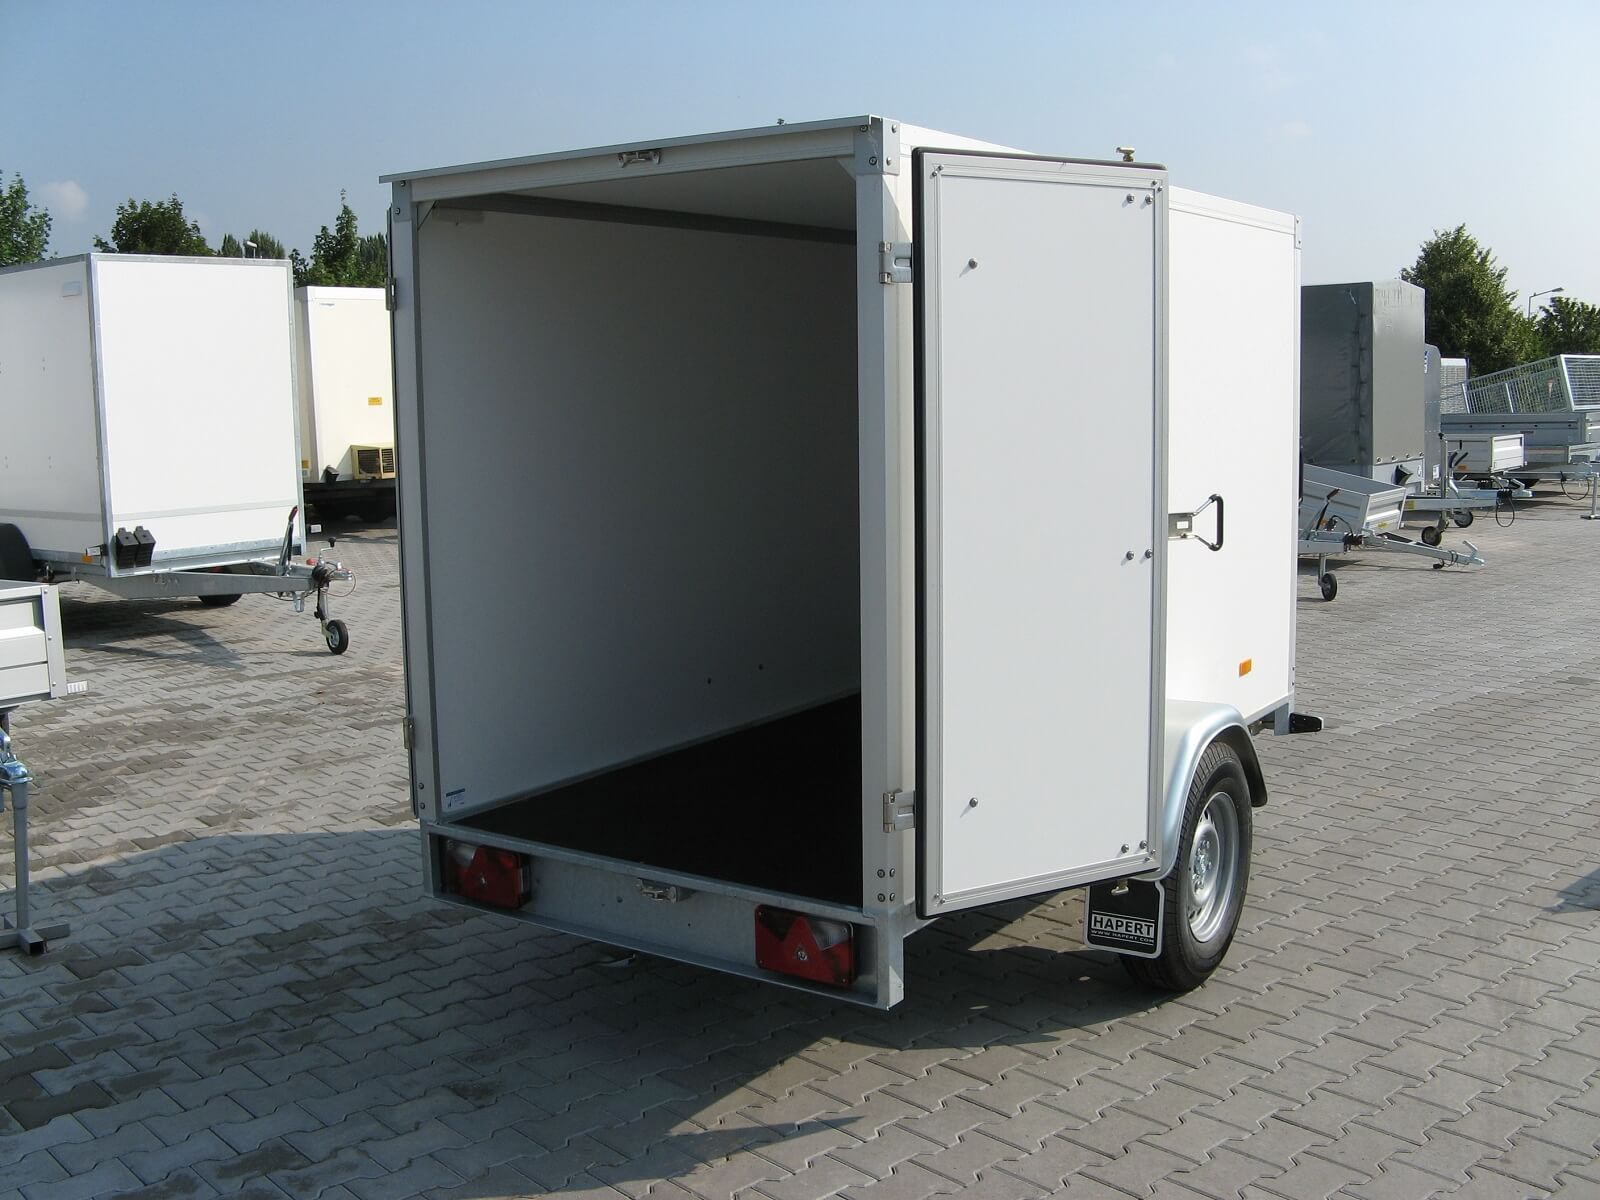 Hapert Sapphire L-1 2,50x1,30x1,50m 1350kg